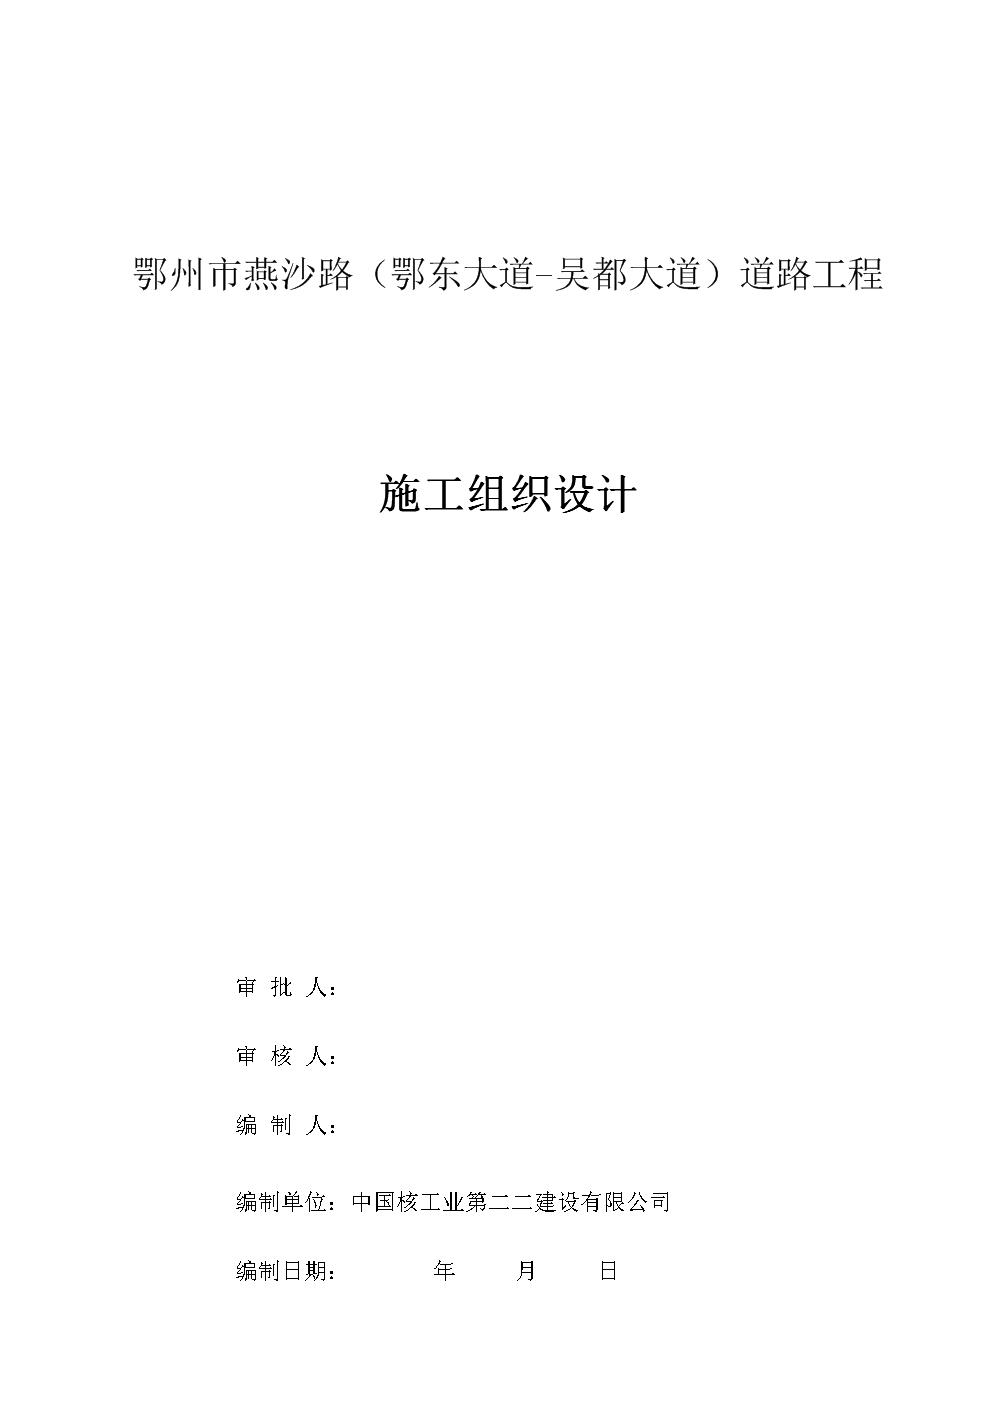 燕沙路施工组织设计改.docx